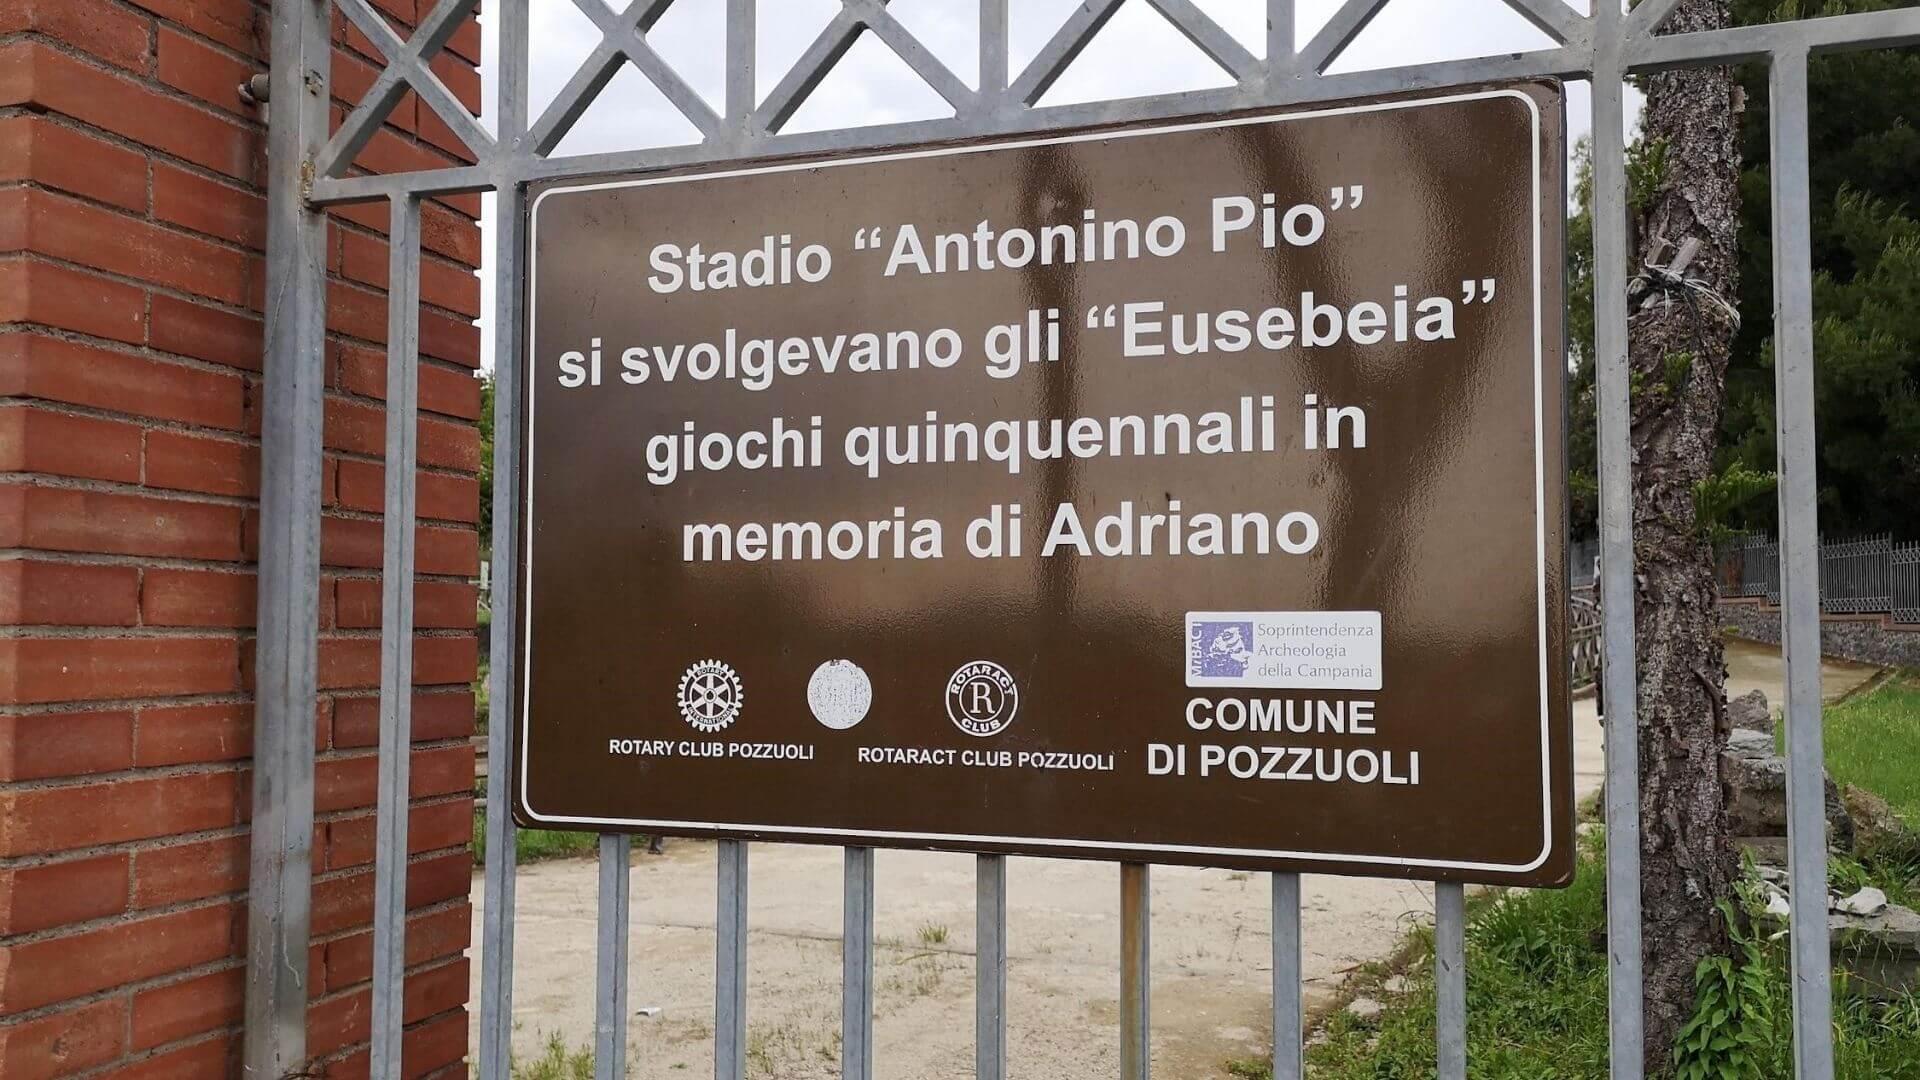 Lo Stadio di Antonino Pio: omaggio all'imperatore Adriano